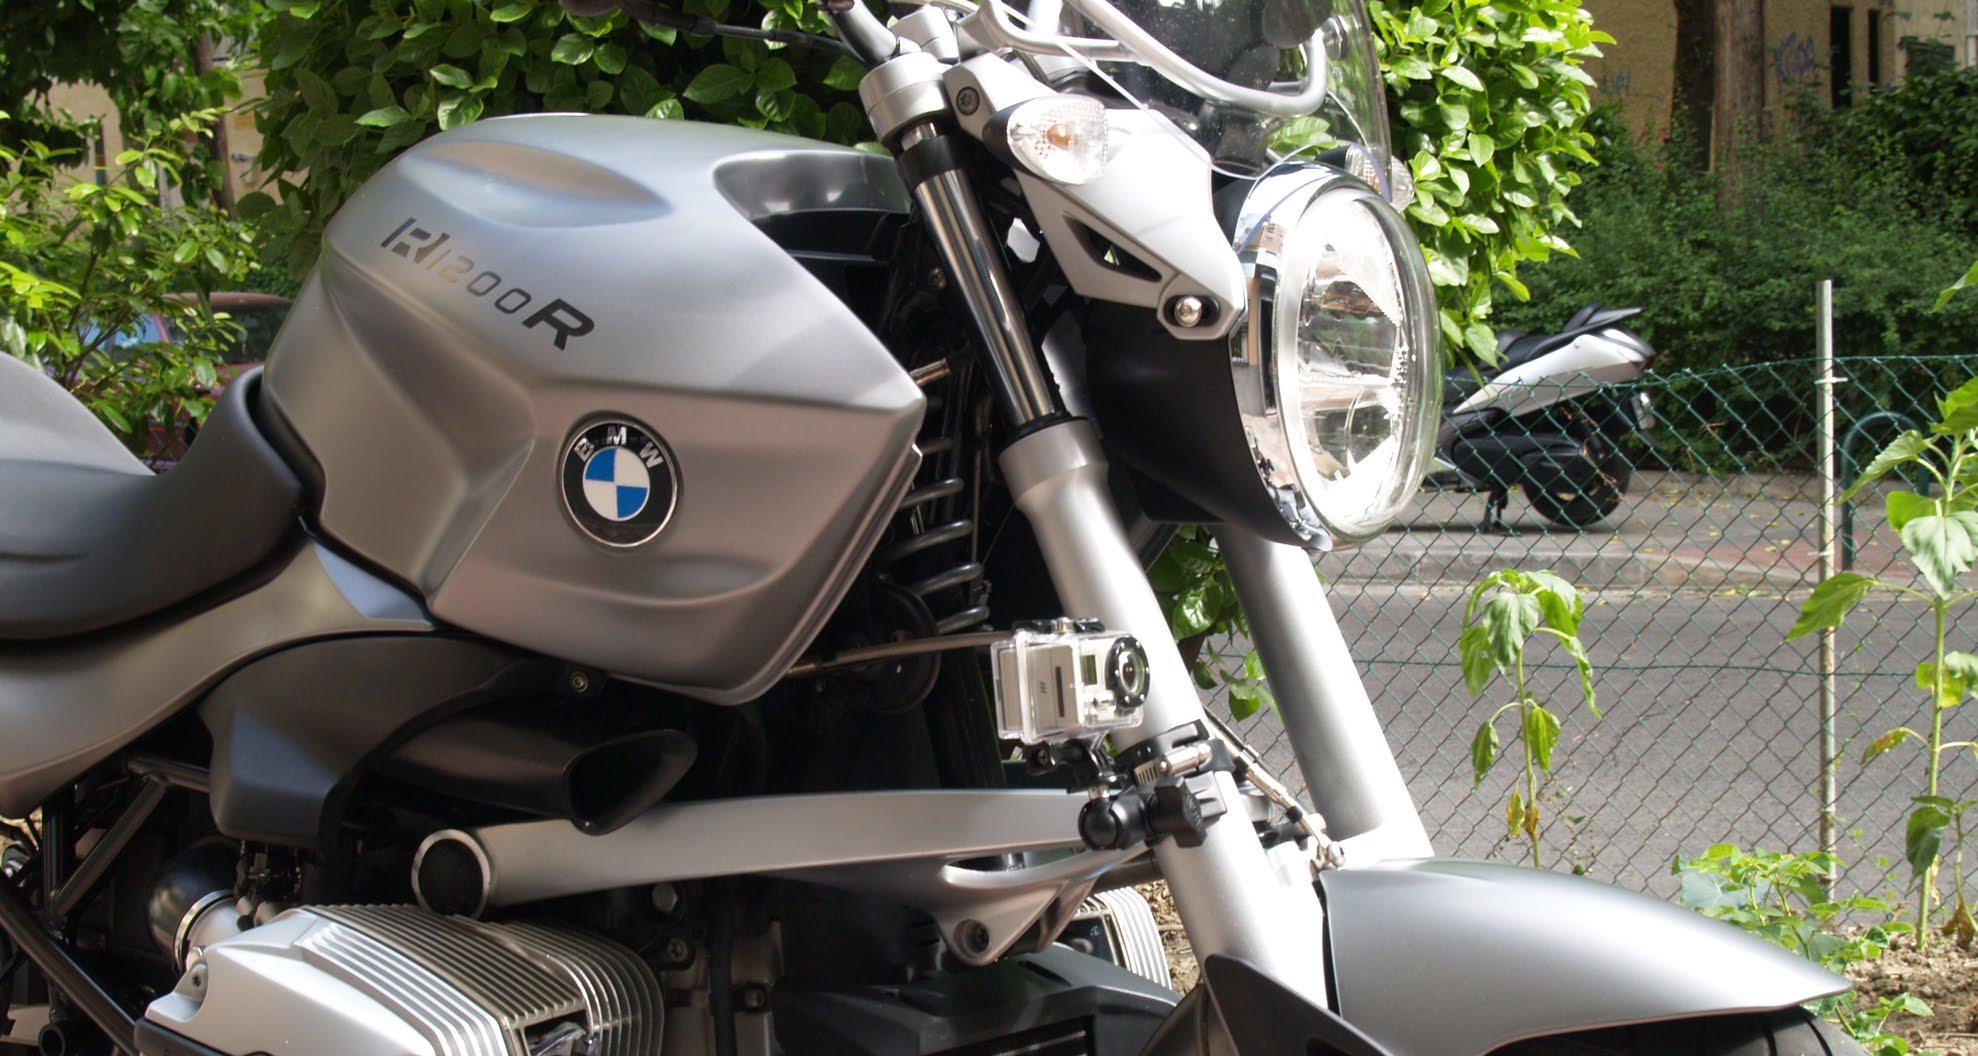 Moto - Touring